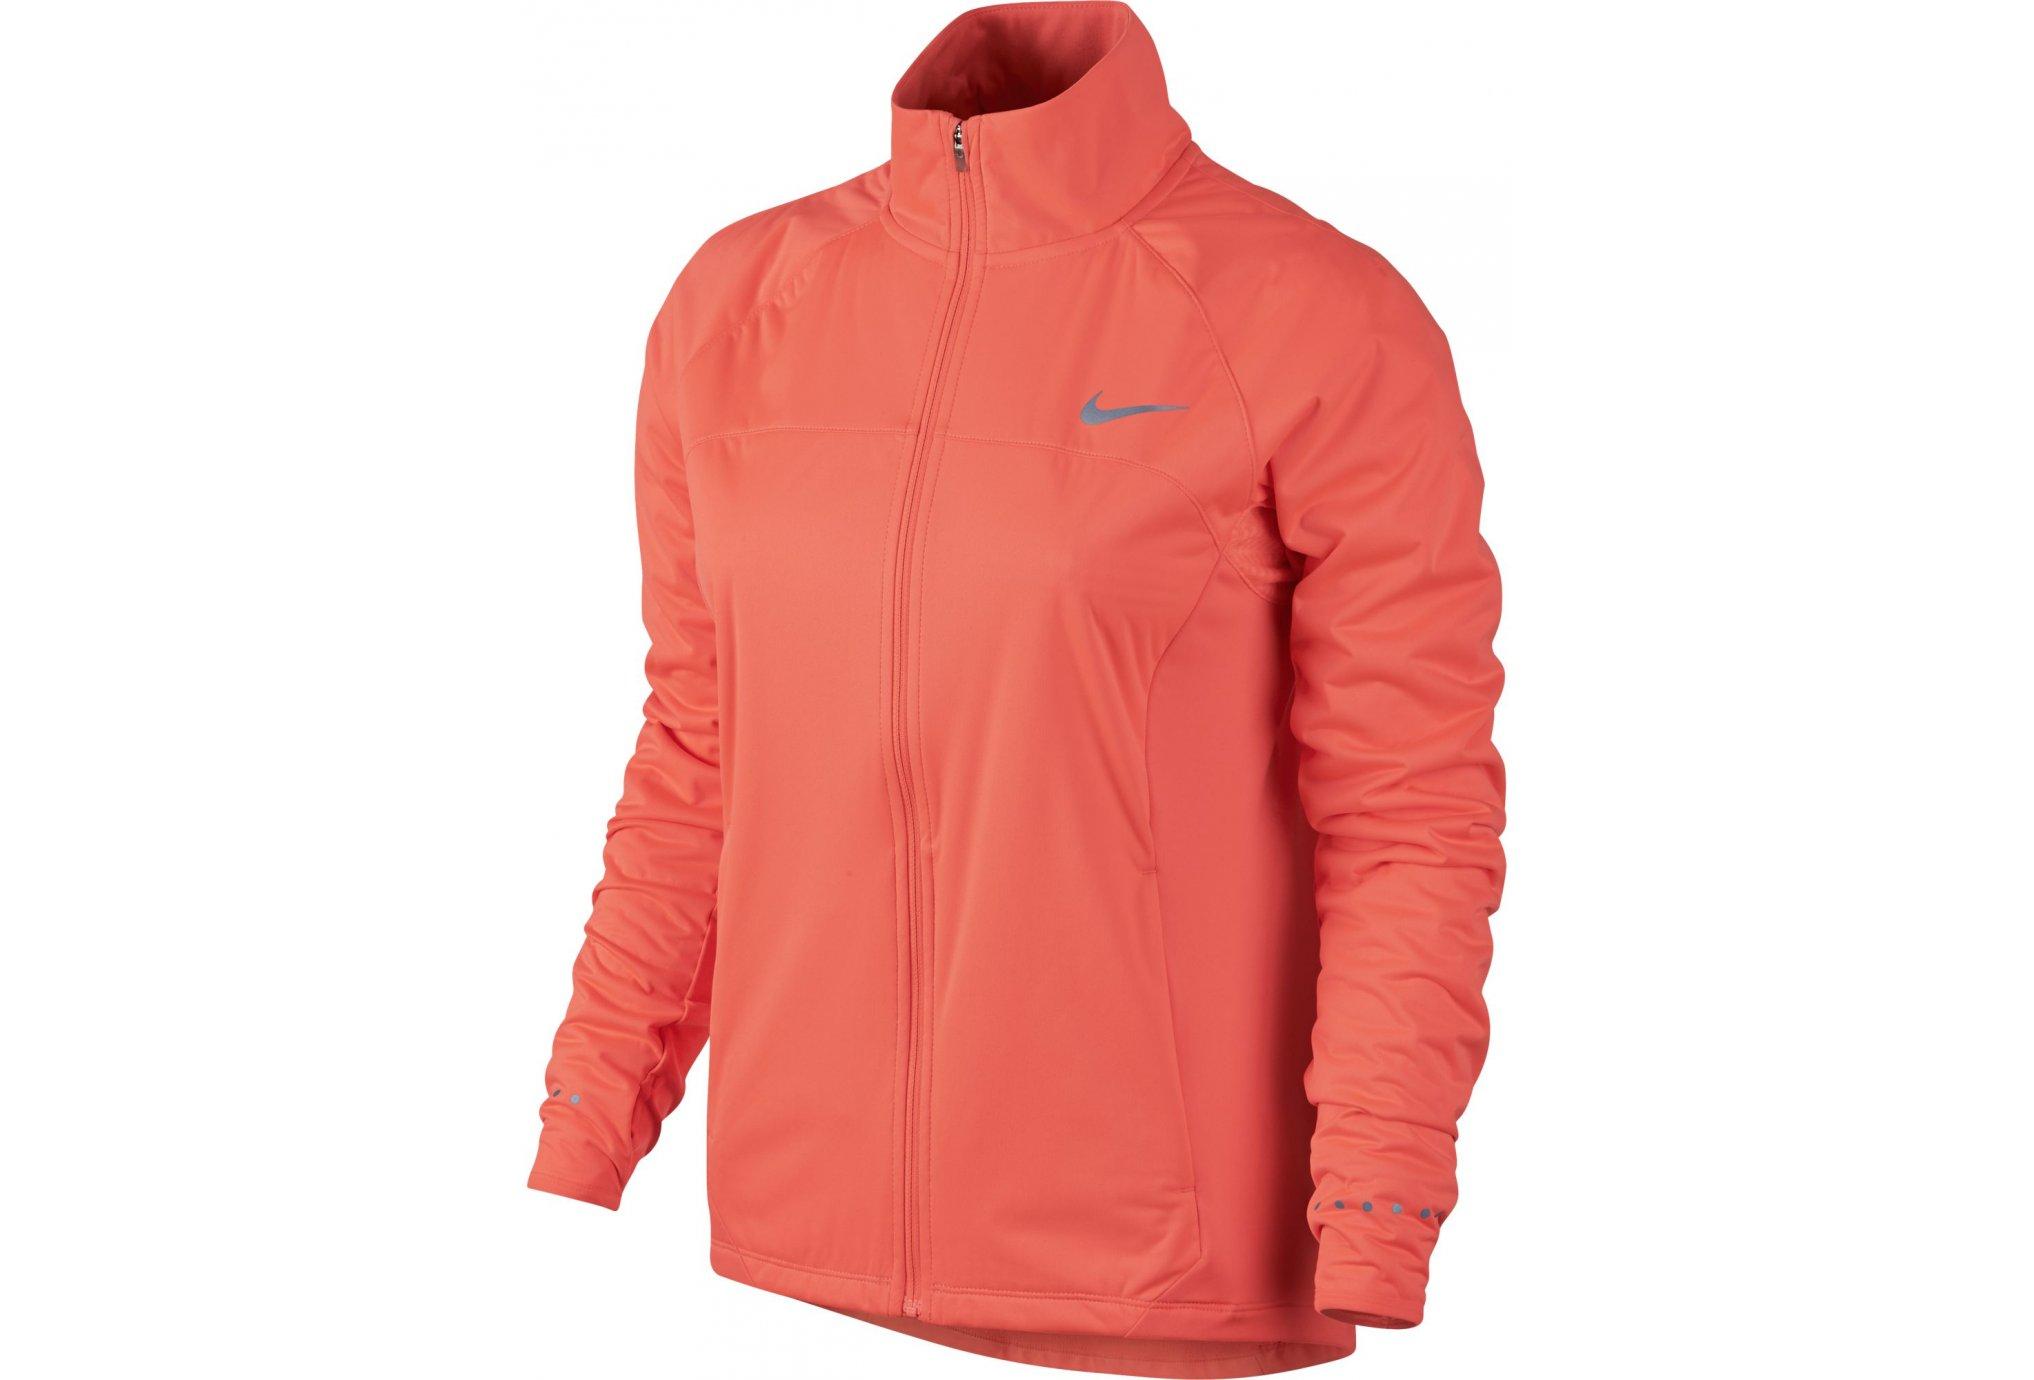 Nike Veste Shield 2.0 W Diététique Vêtements femme